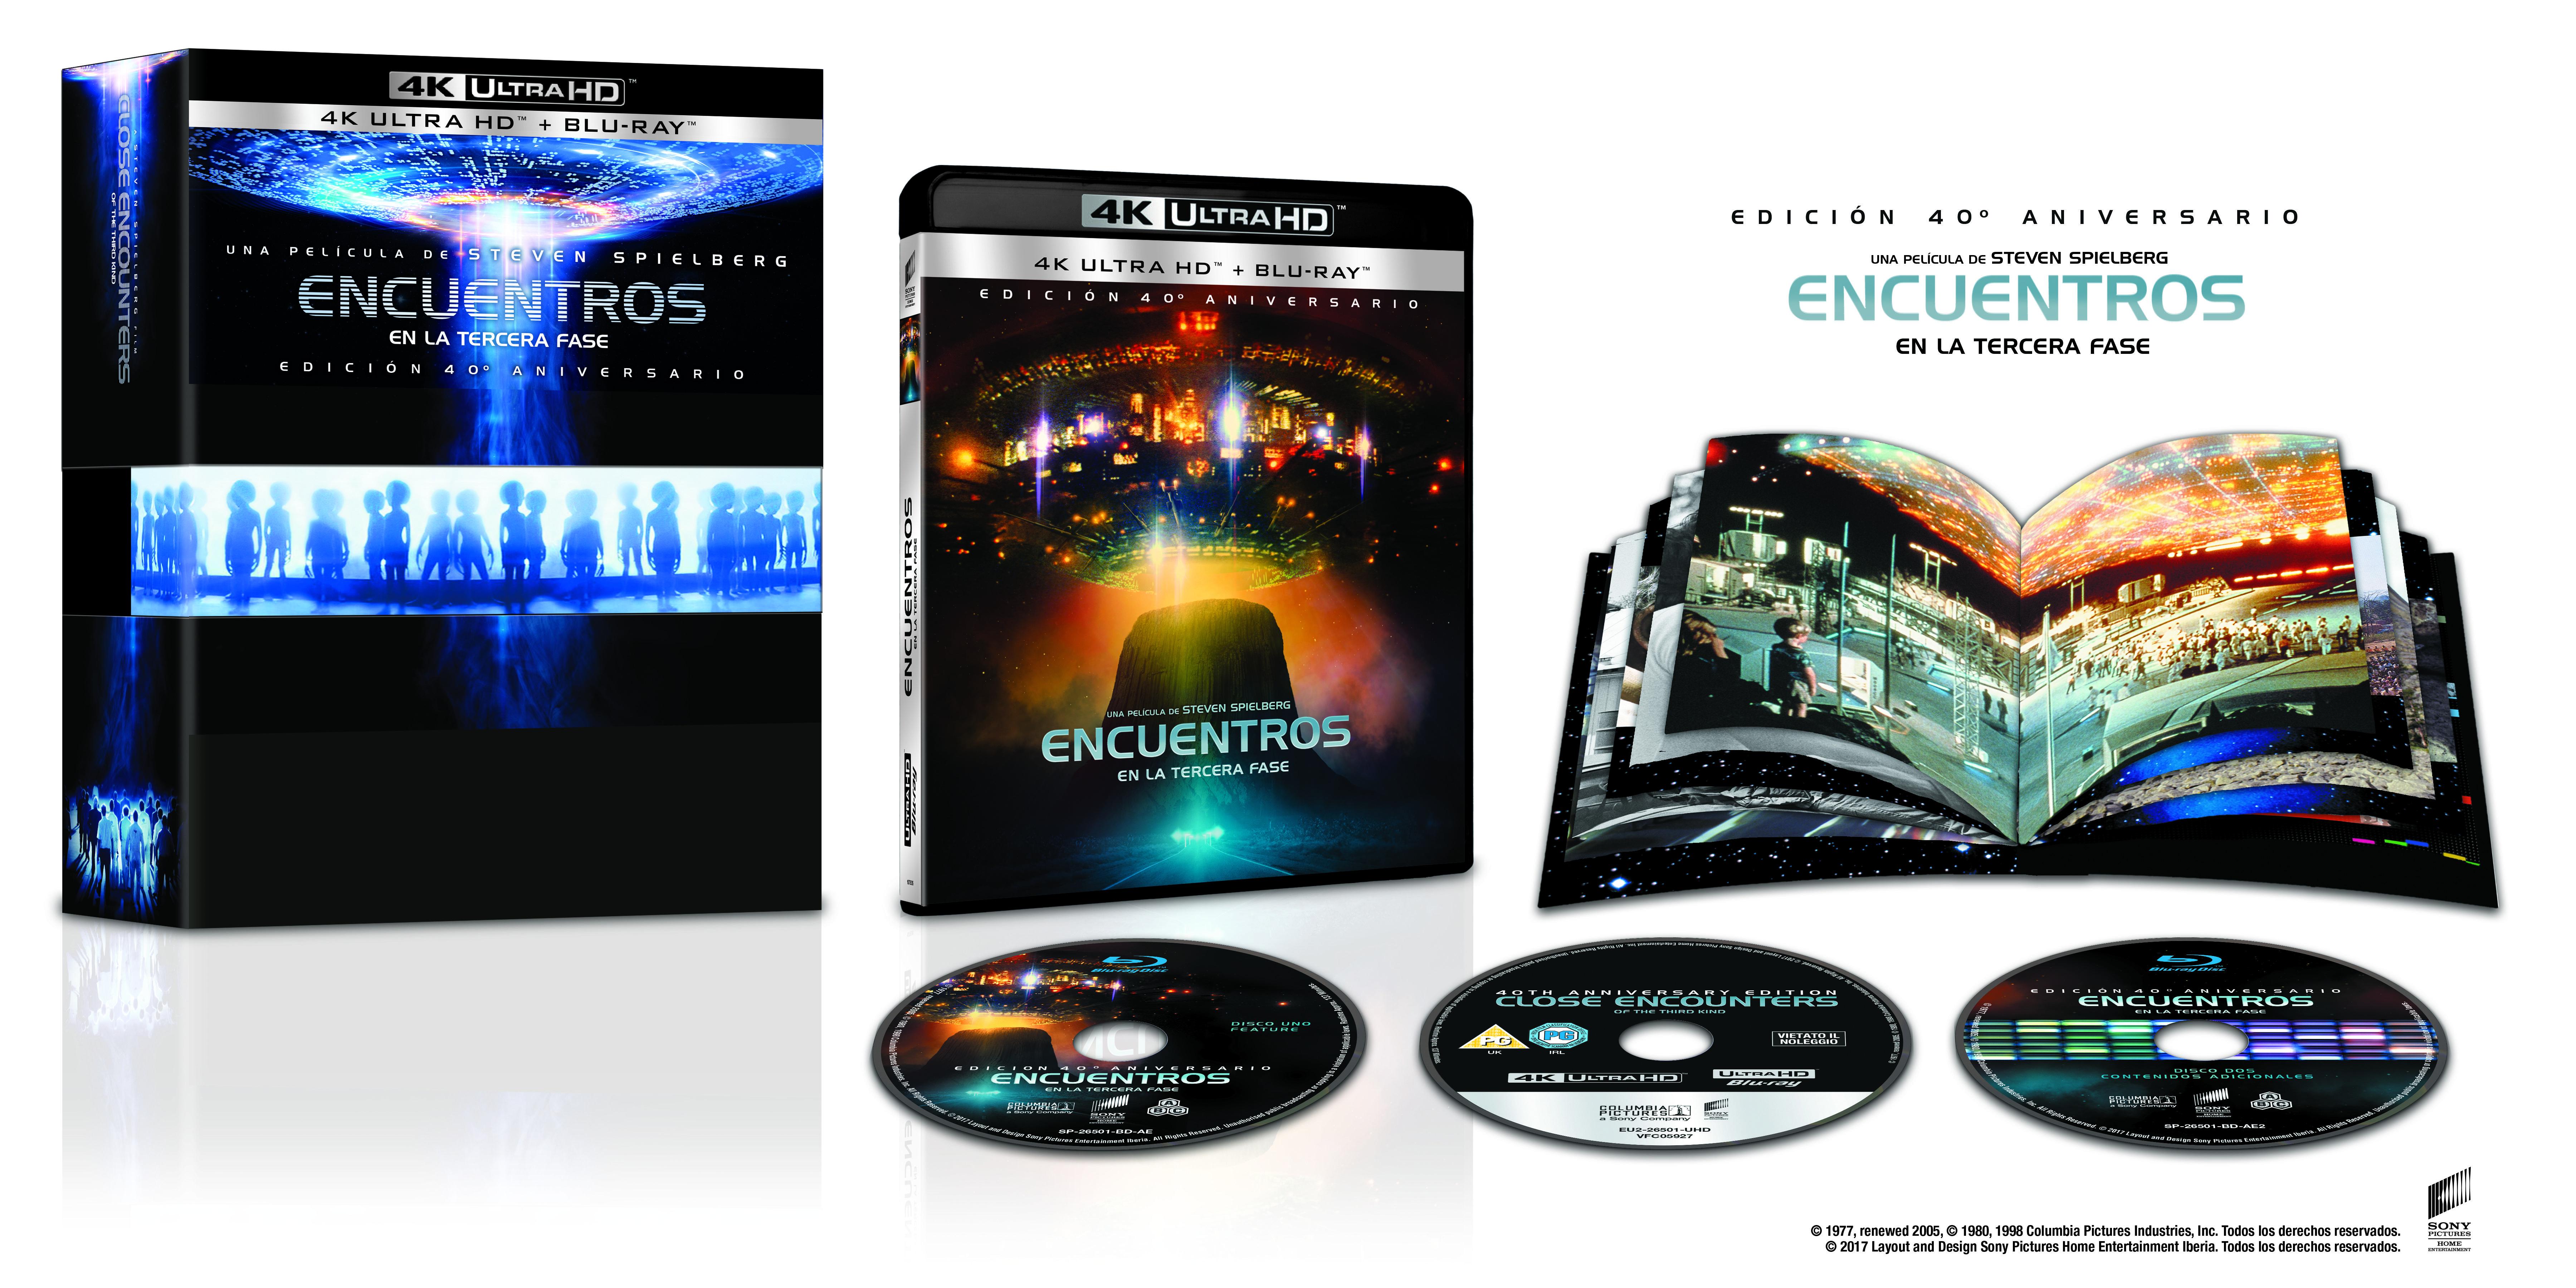 'Encuentros en la tercera fase' en 4K Ultra HD y Steelbook el 4 de octubre • En tu pantalla